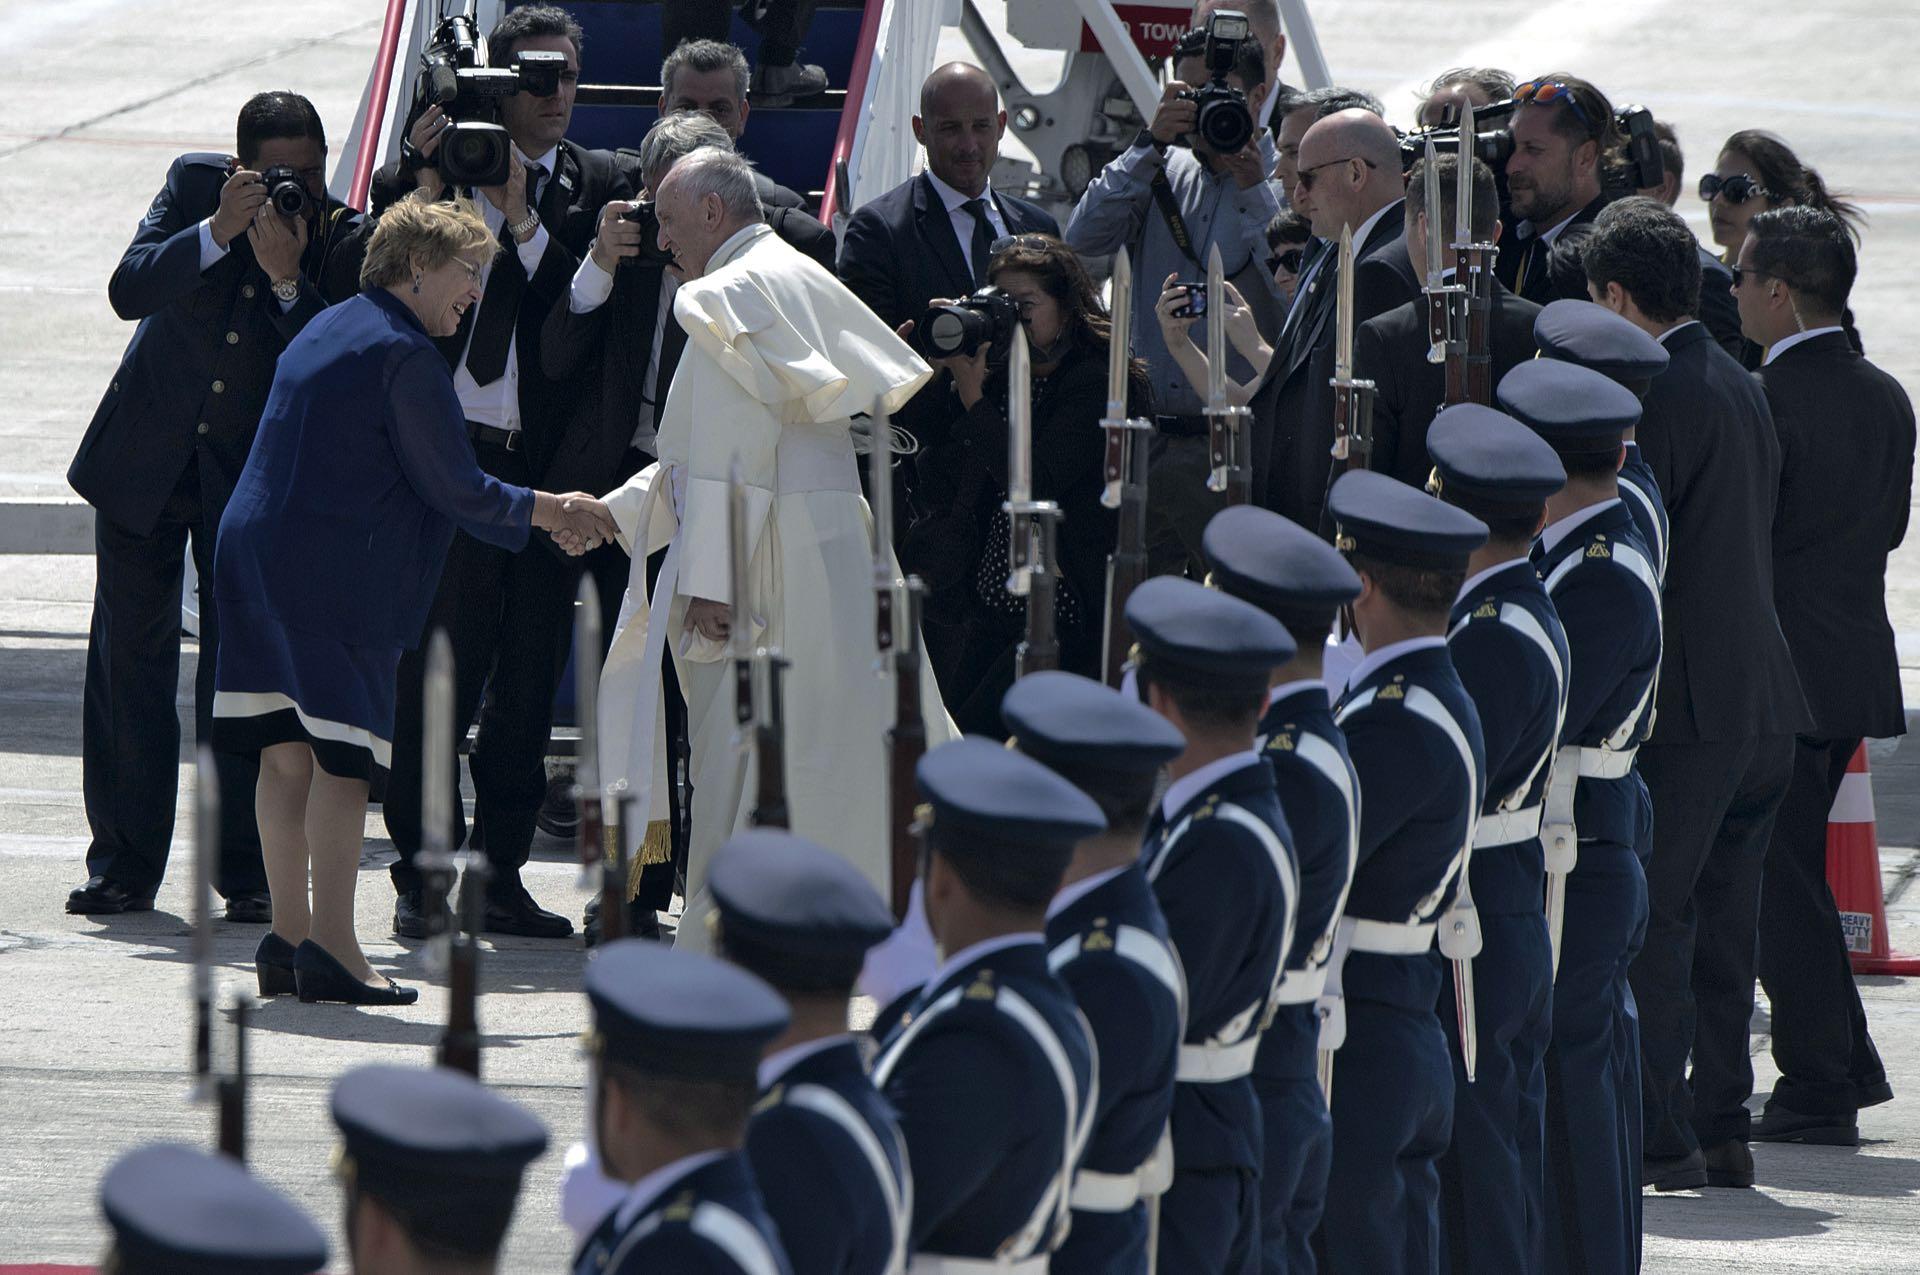 El papa Francisco visita Chile y saluda a la entonces presidente Michelle Bachelet